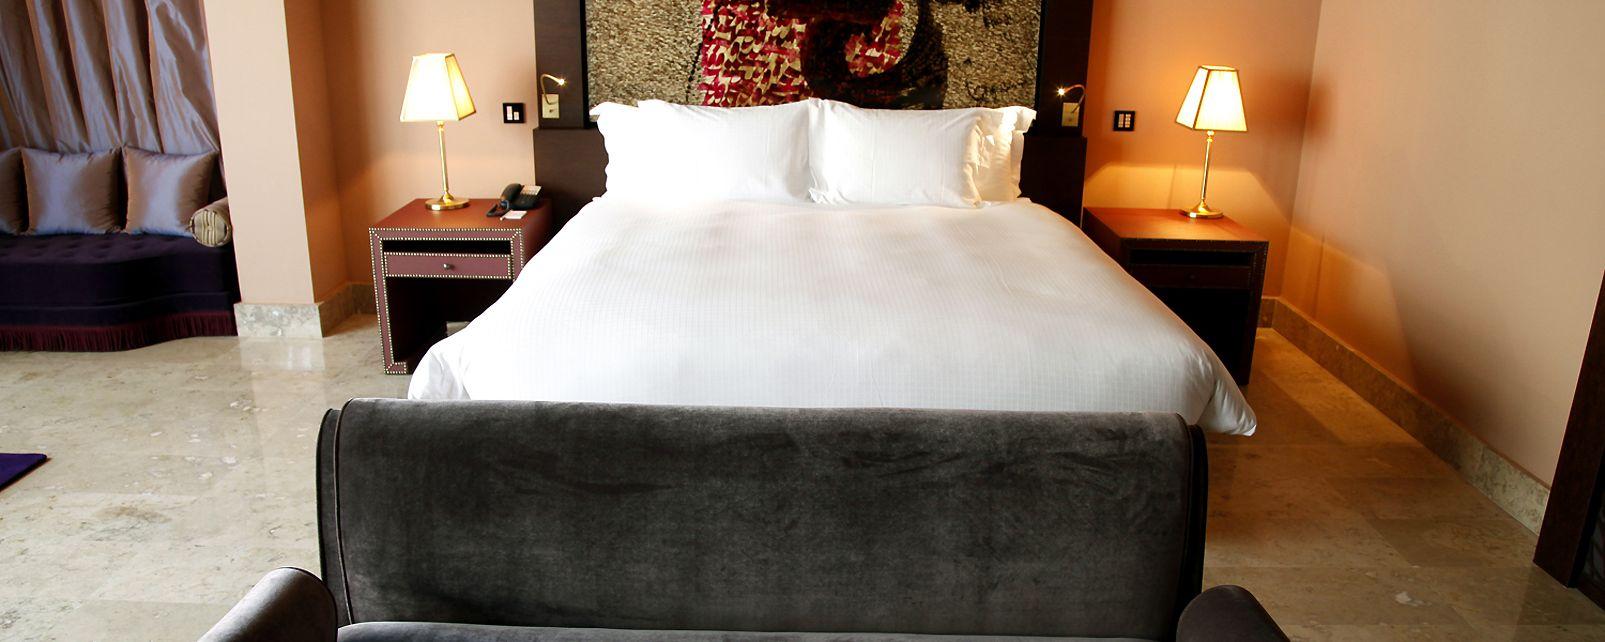 Hotel Delano Marrakech